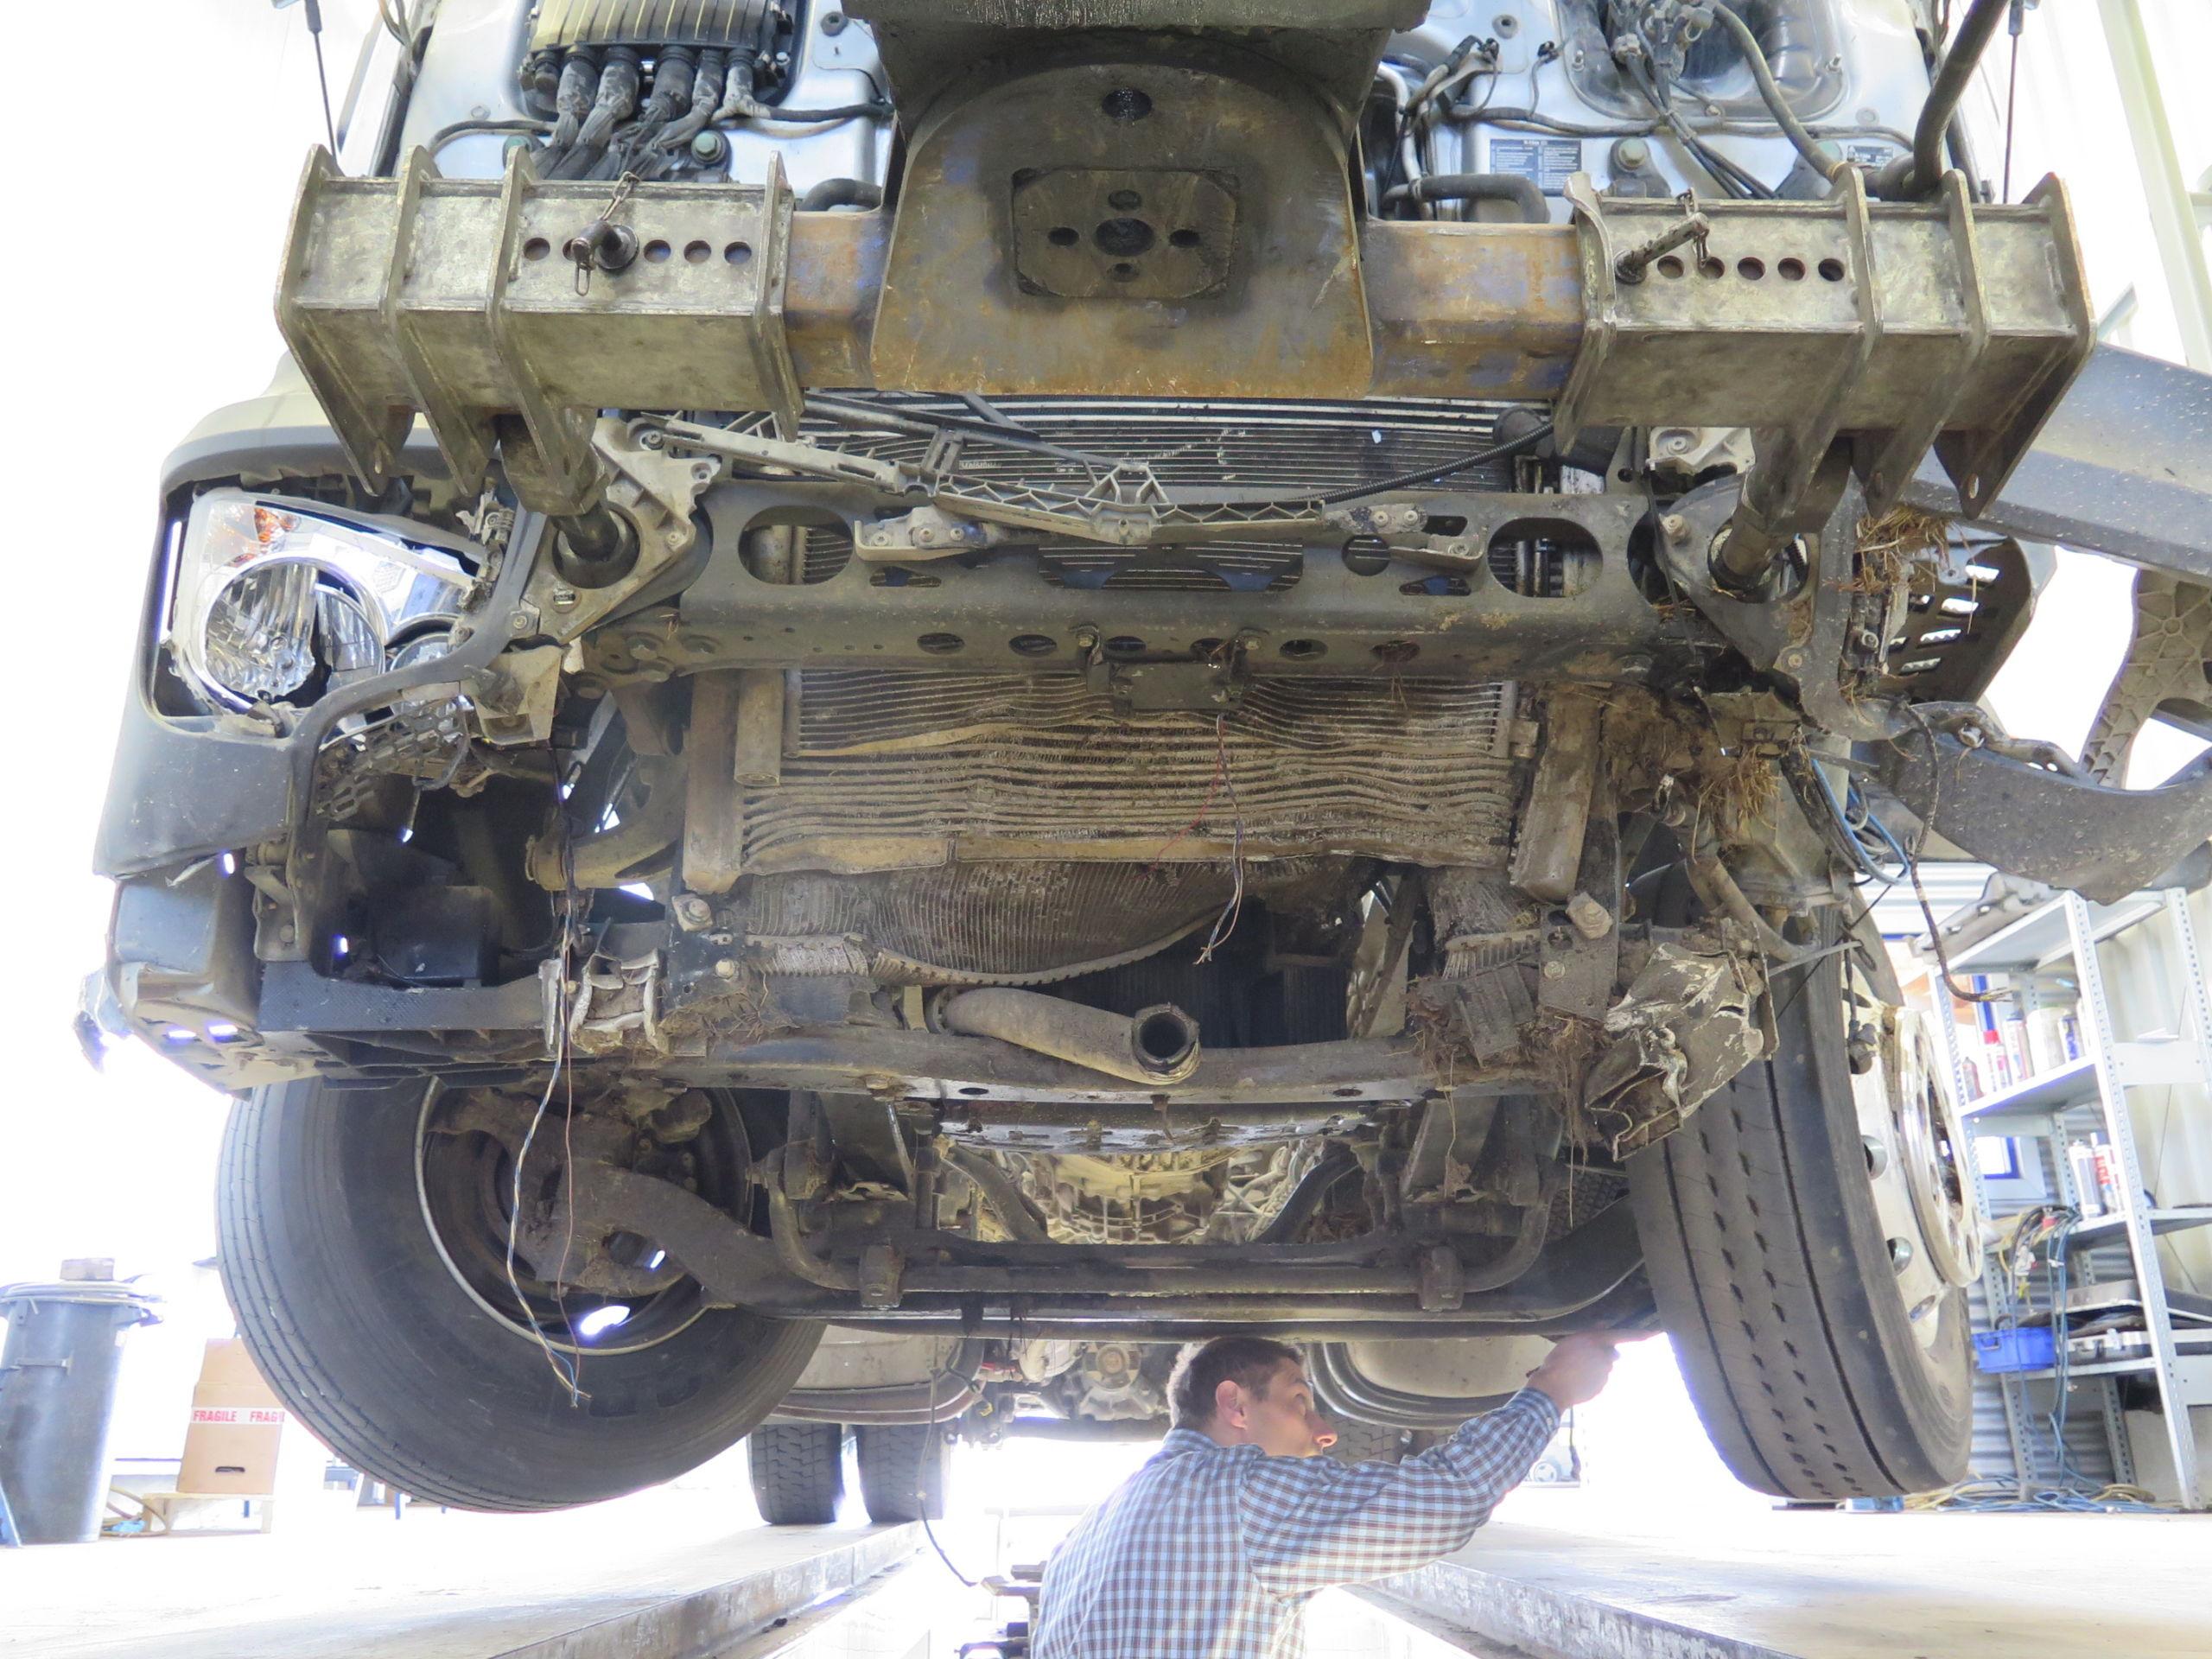 Untersuchung der Bauteile der Bremsanlage